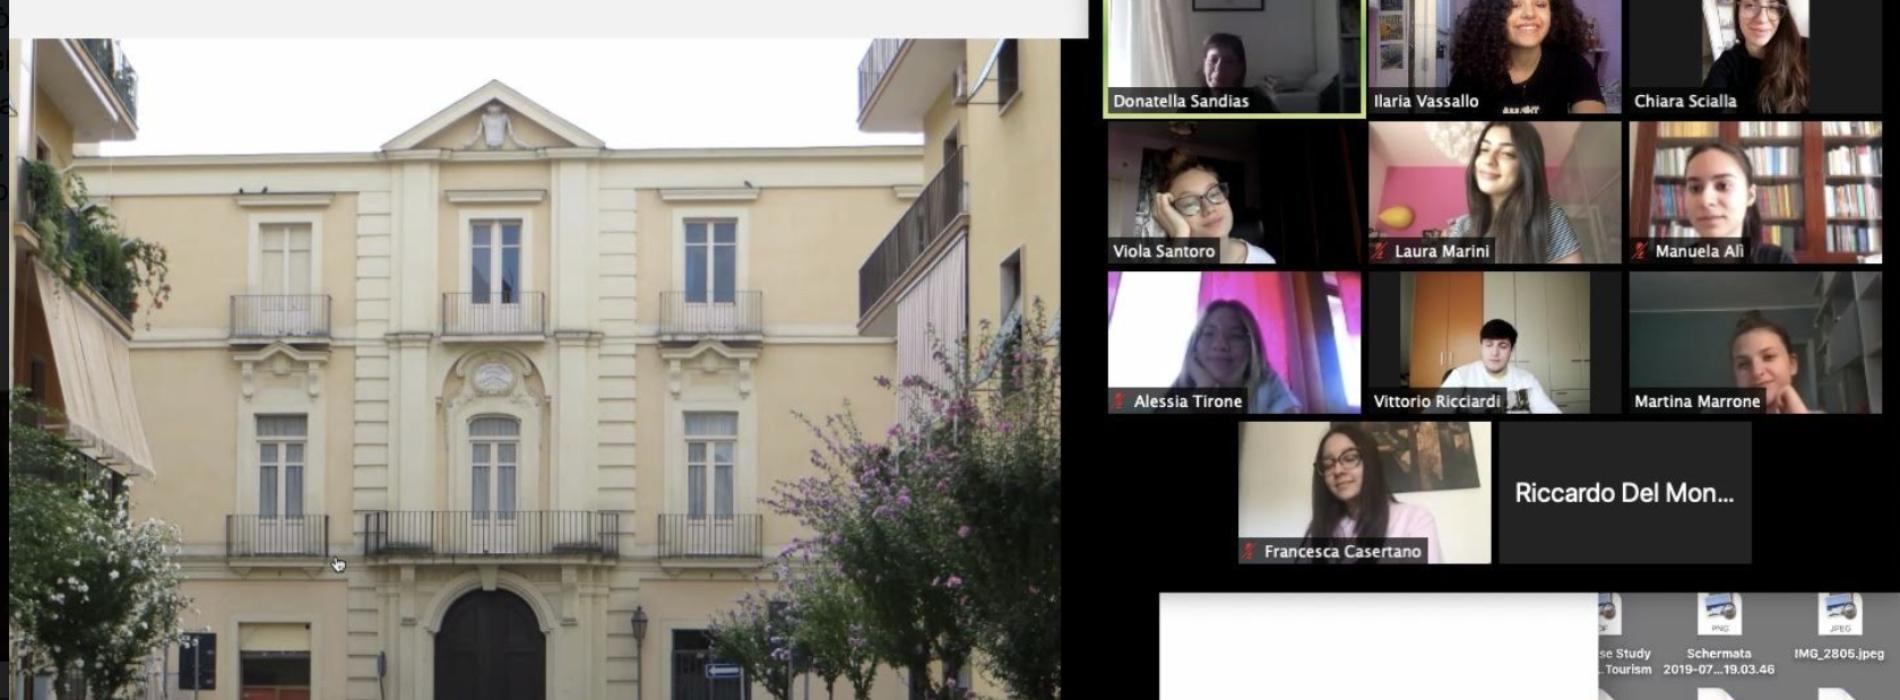 Adottato Palazzo Paternò, il video del Manzoni va in Archivio